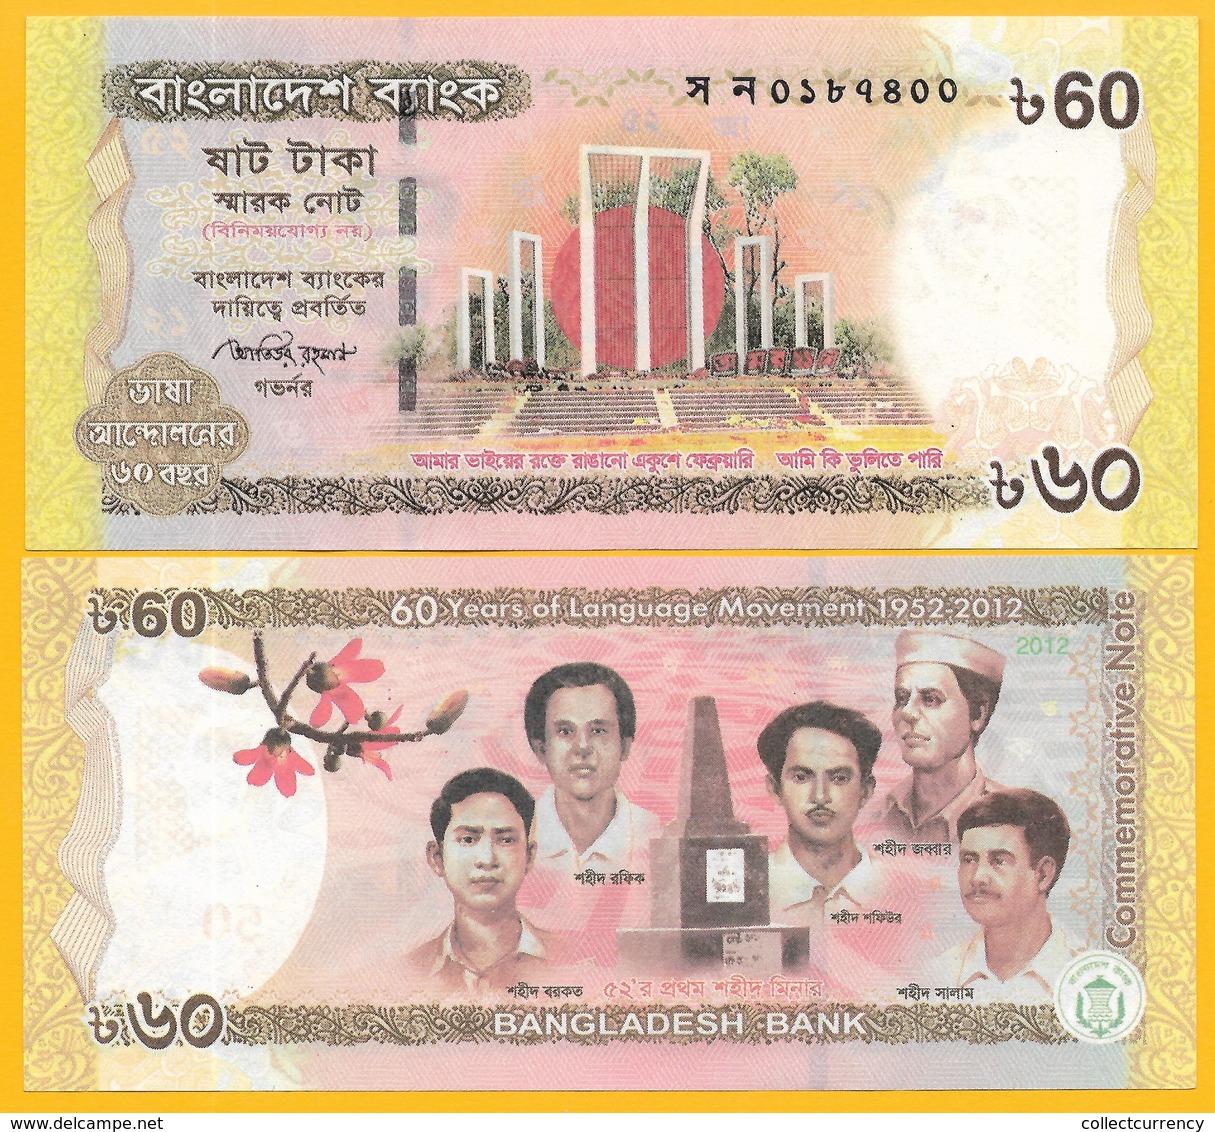 Bangladesh 60 Taka P-61 2012 Commemorative UNC Banknote - Bangladesh